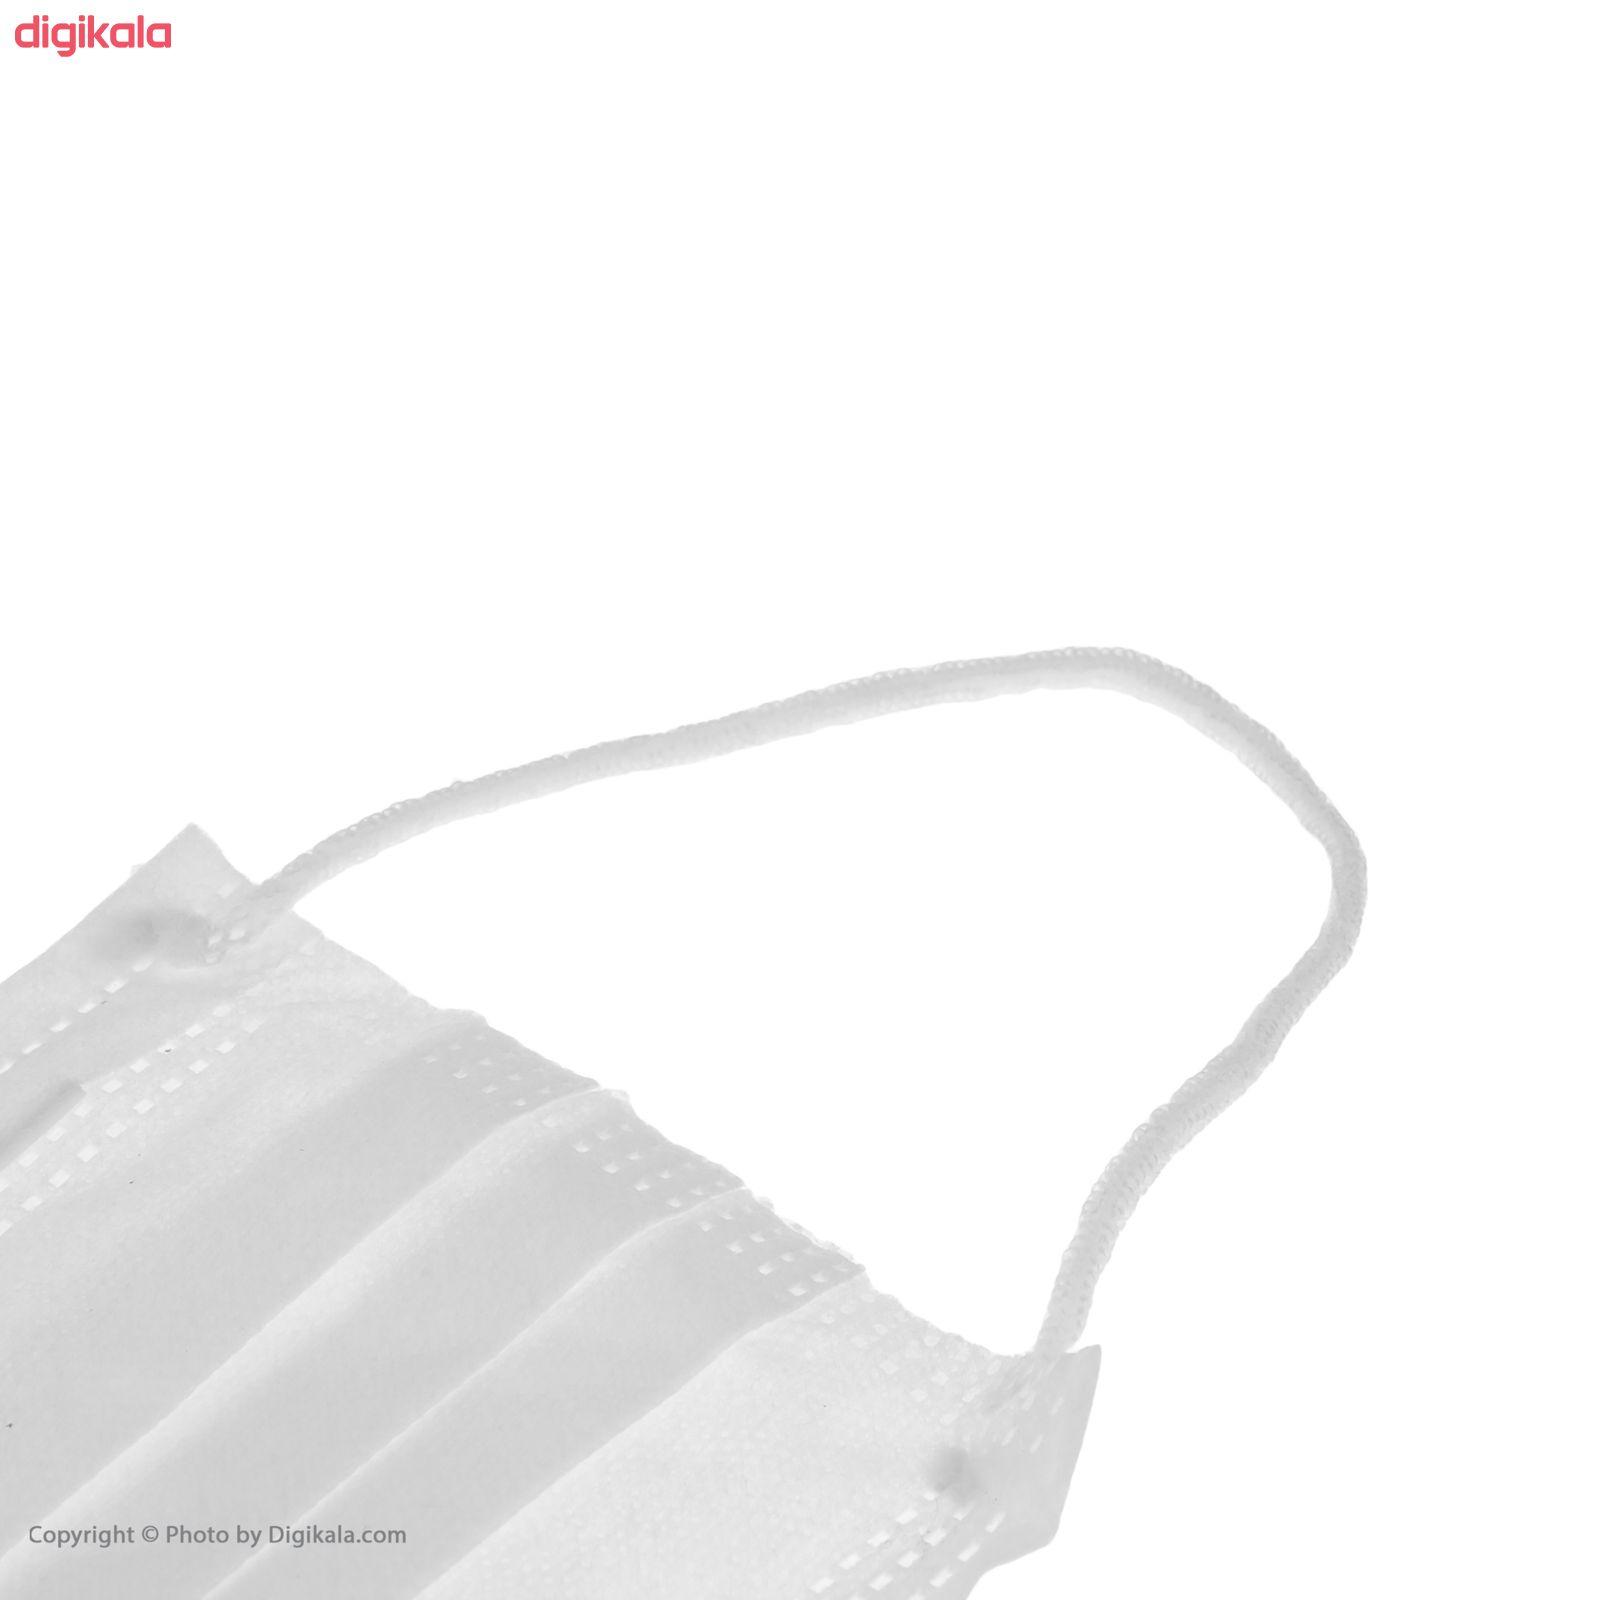 ماسک تنفسی های ماسک مدل S02 بسته 50 عددی main 1 5